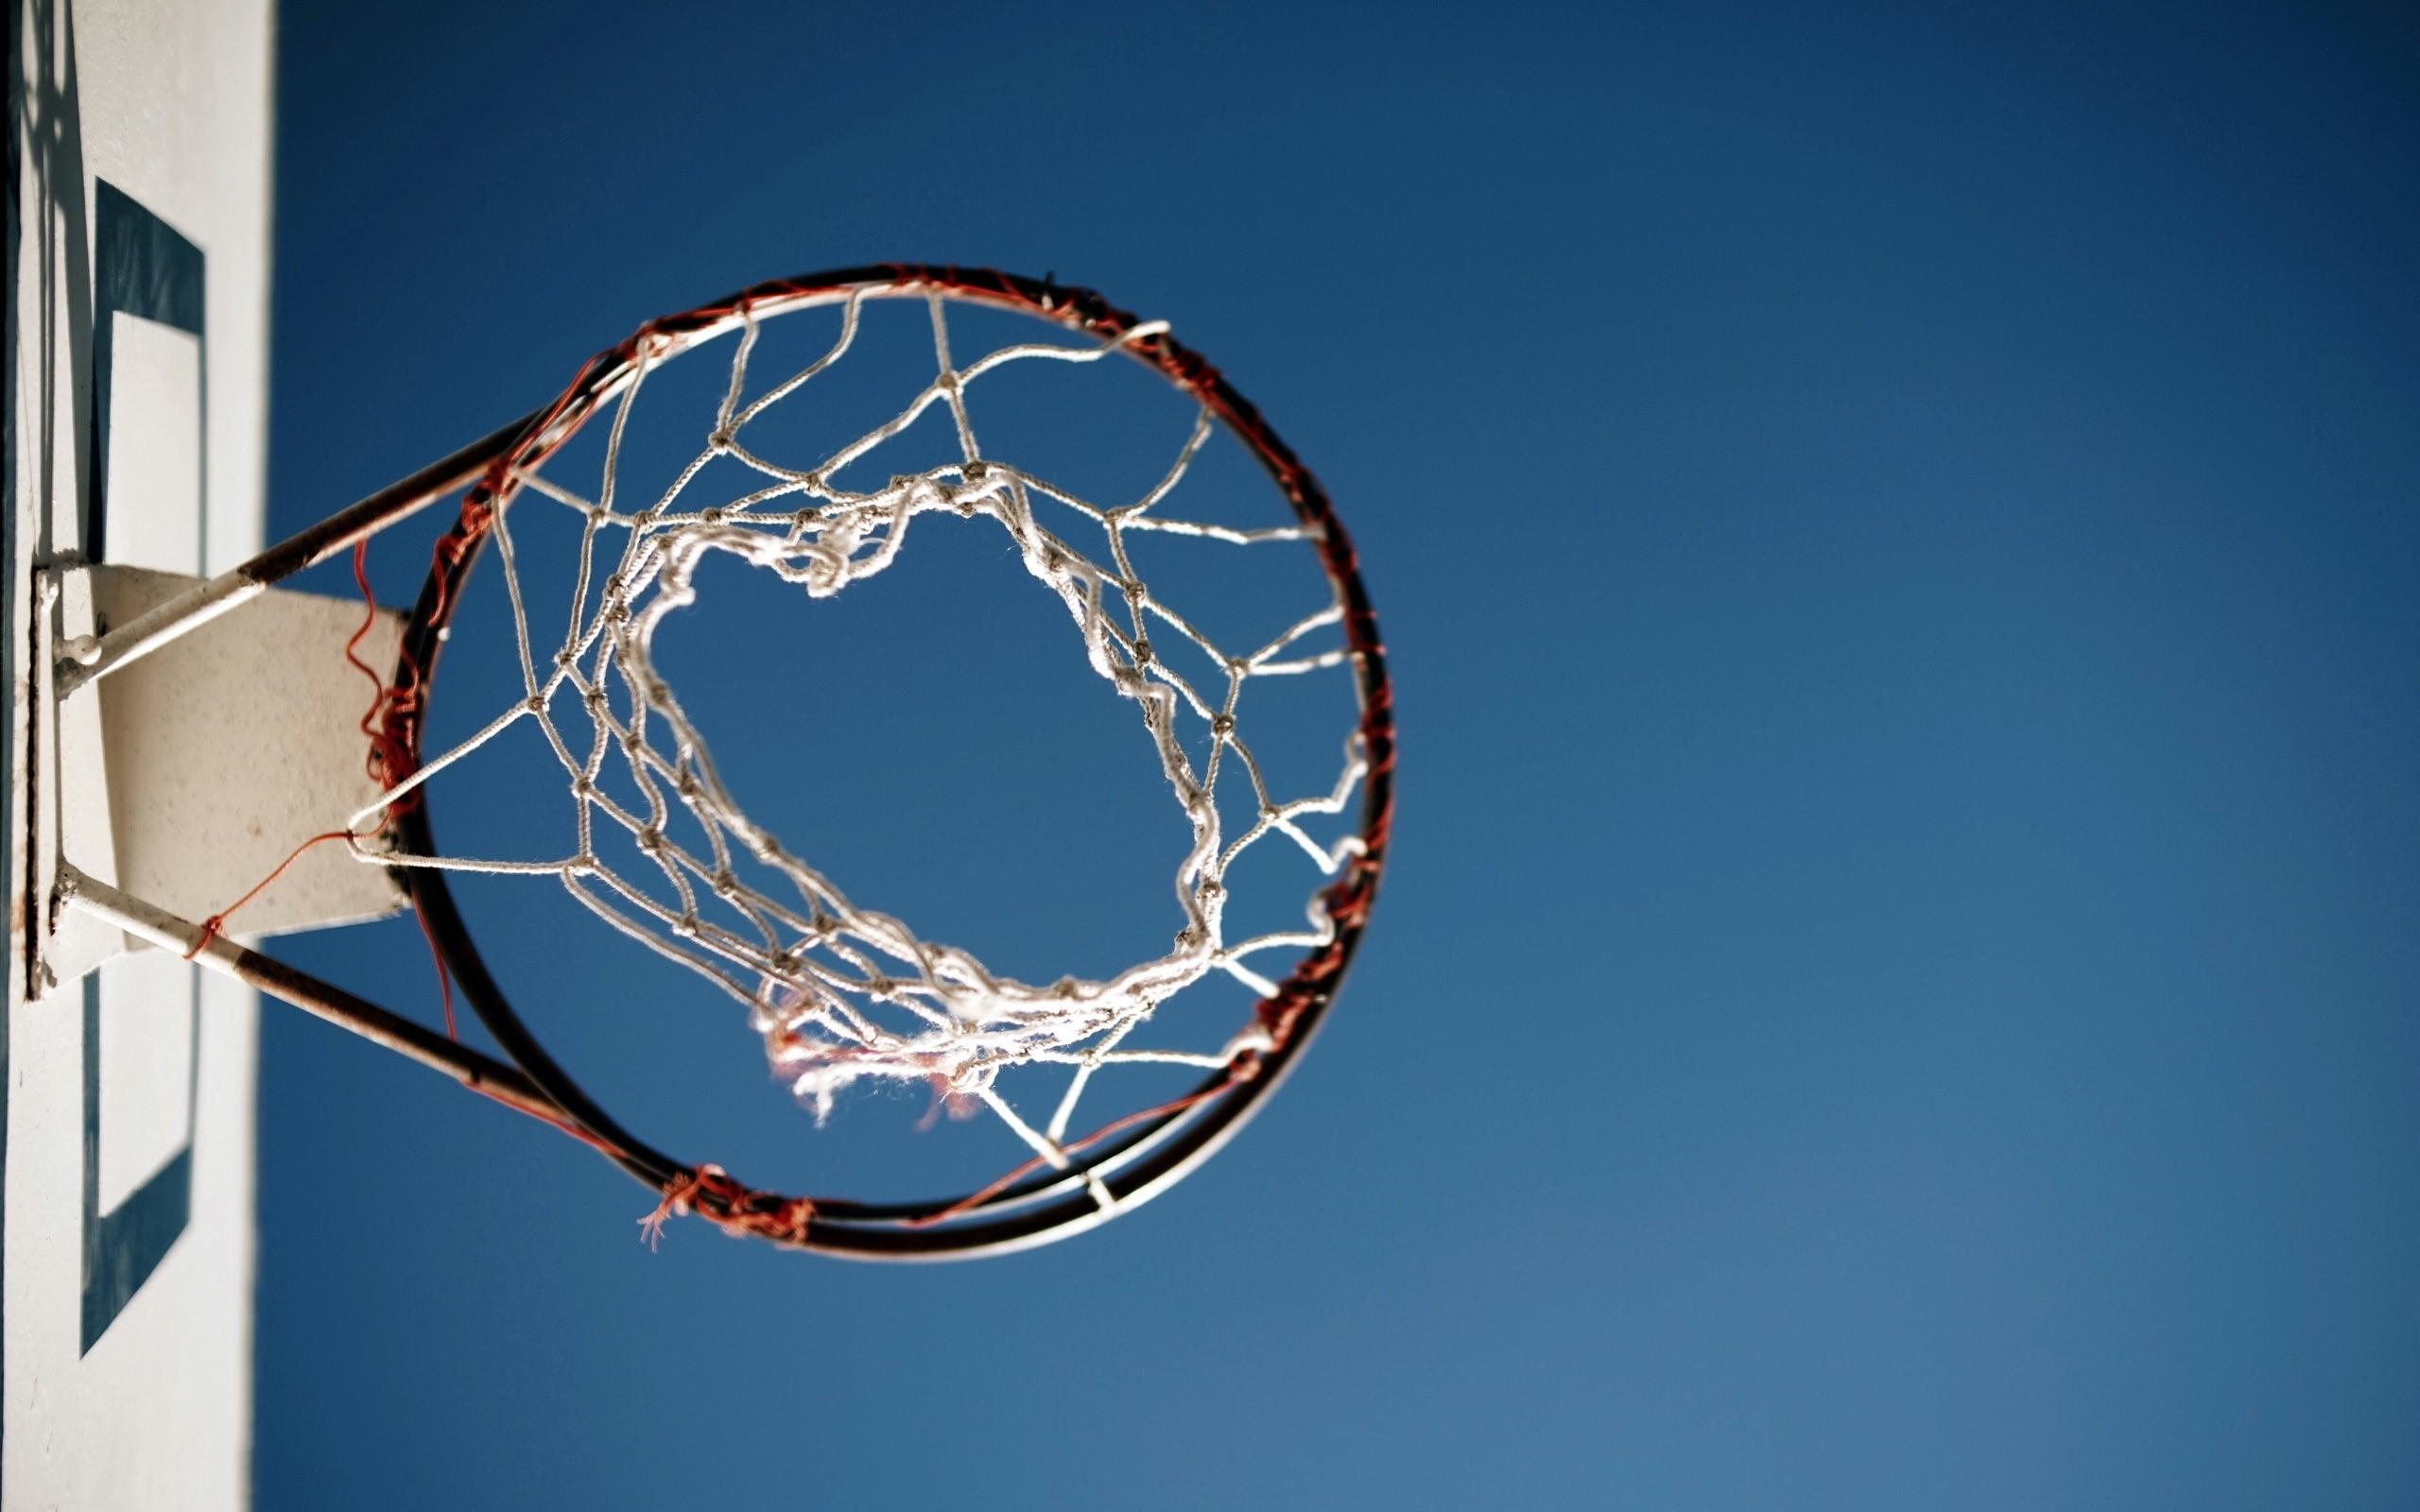 Fondo de pantalla de Cesta de basquetbol Imágenes